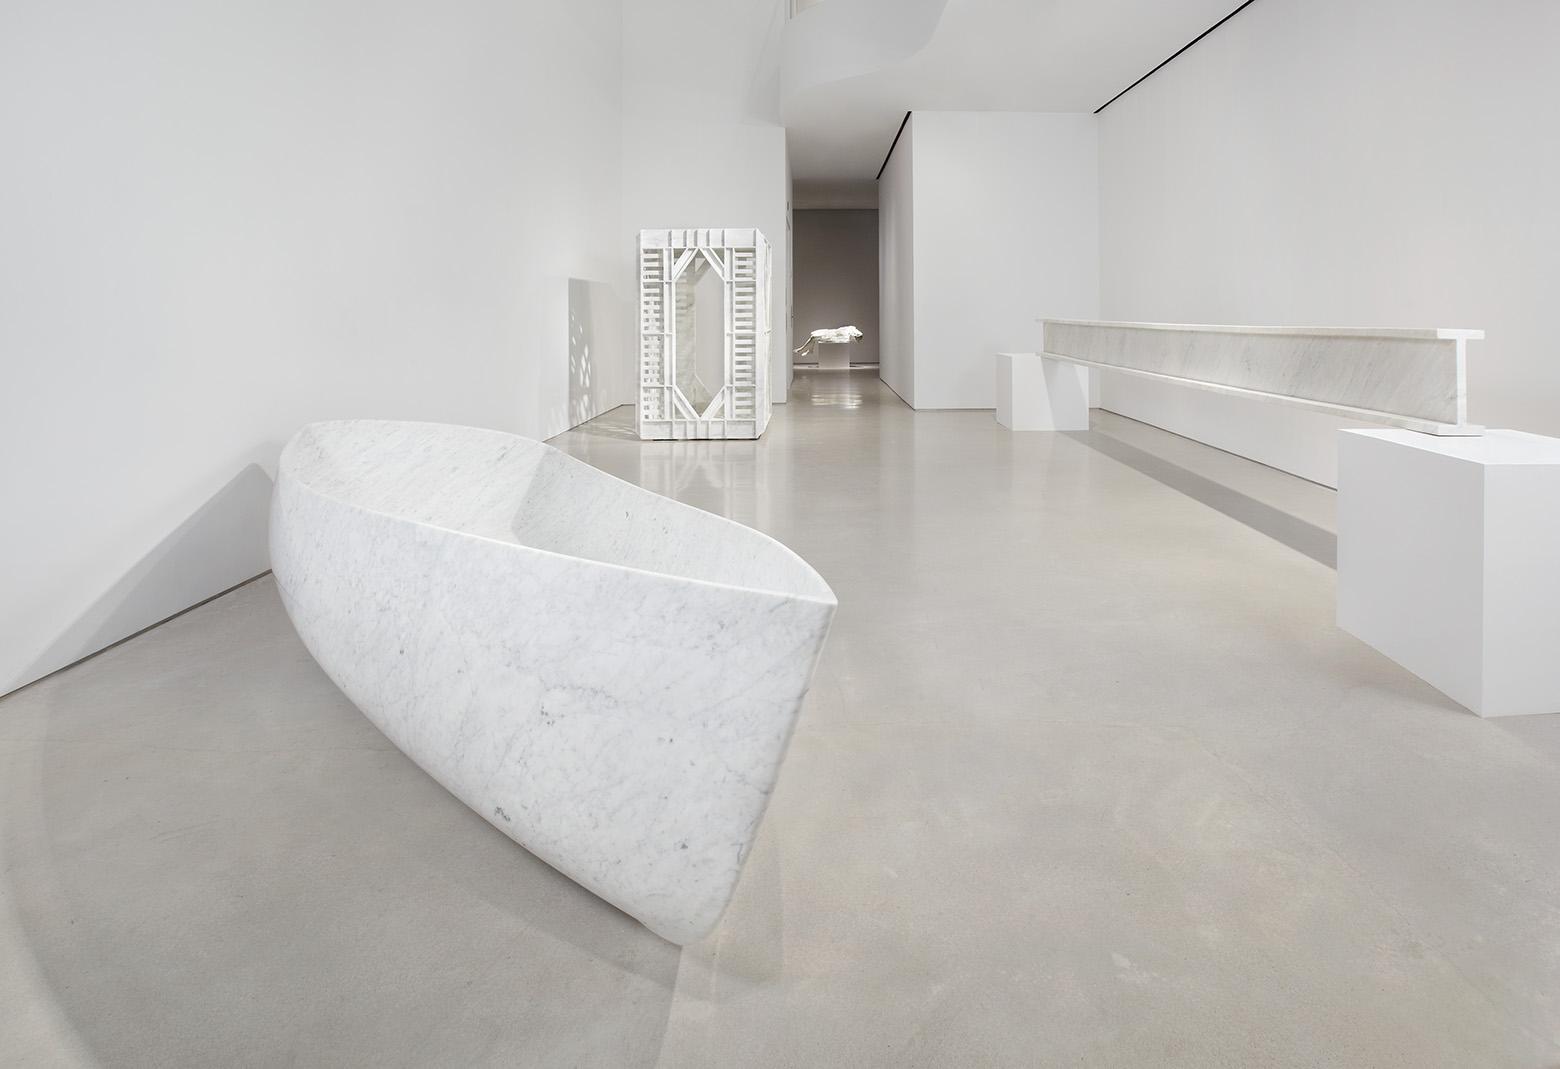 ahgalla fabio viale marmo marble sperone westwater boat barca